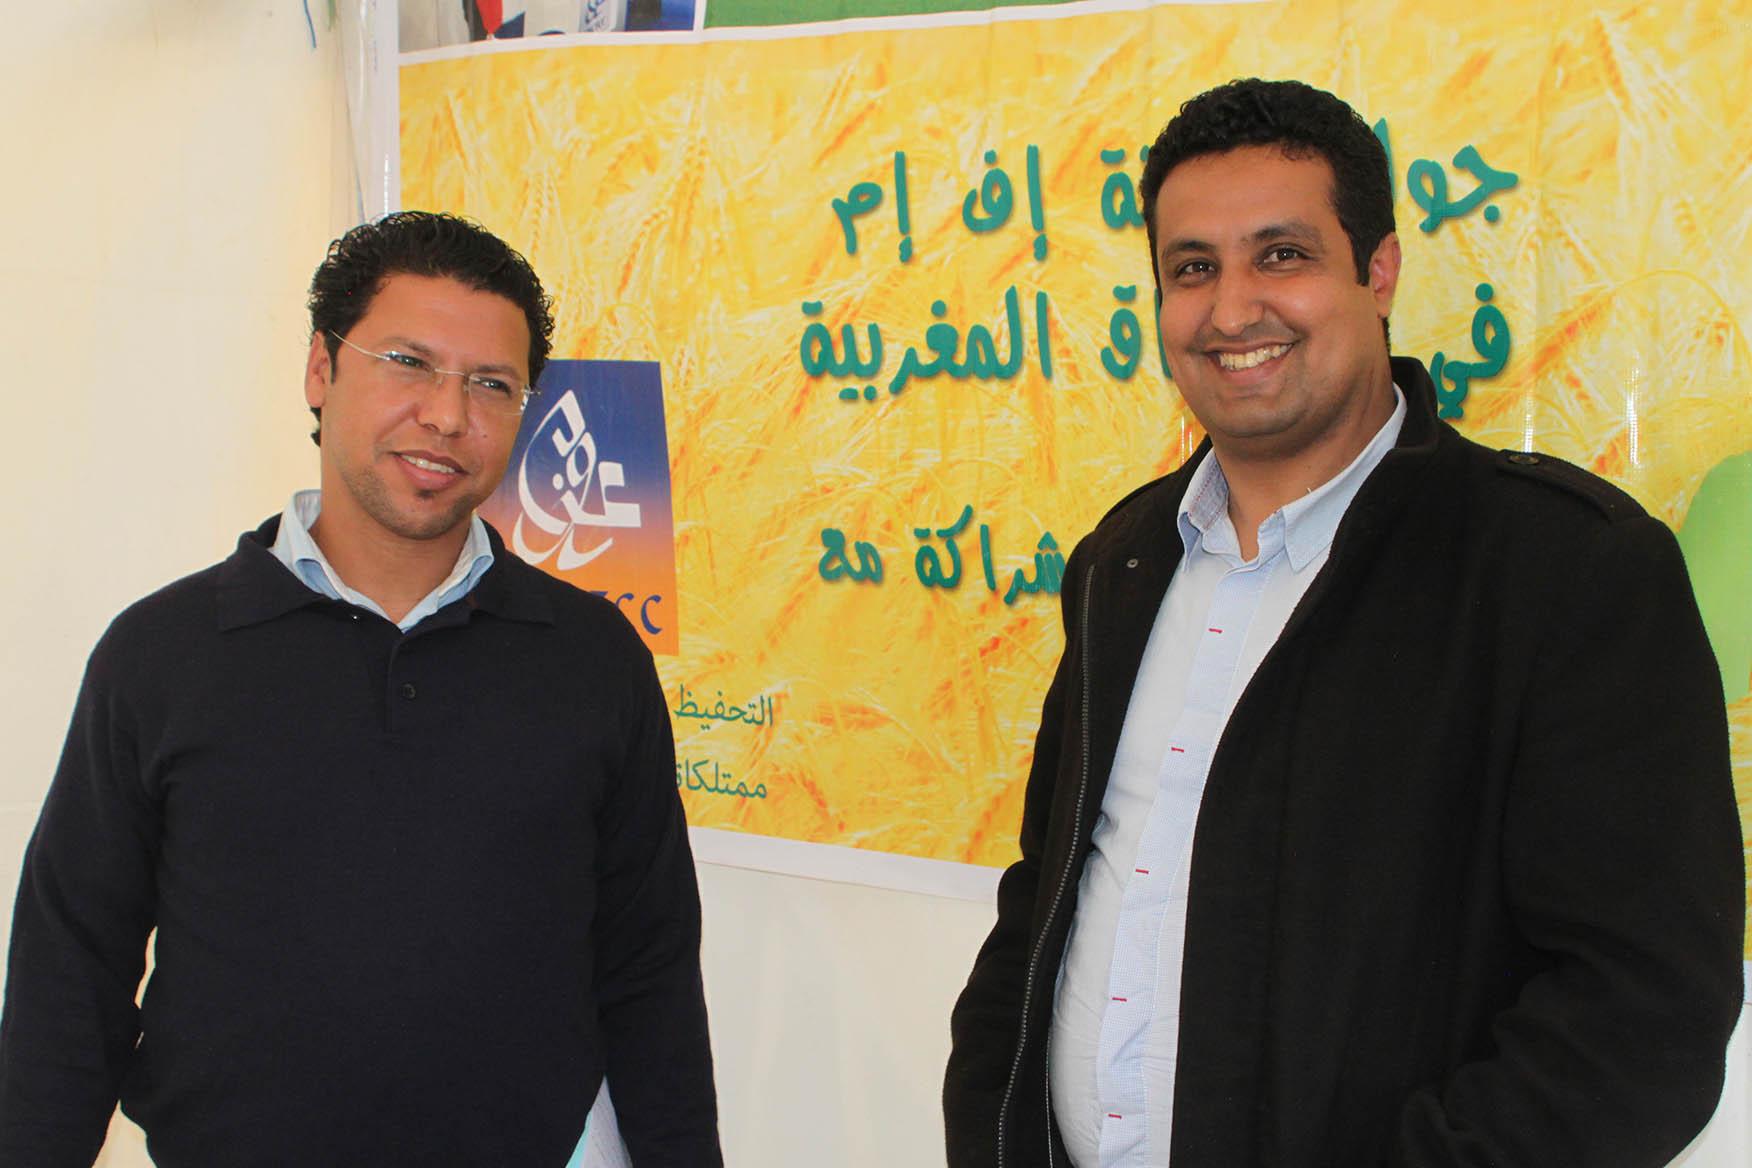 """جولة إذاعة مدينة إف إم بالأسواق المغربية : سوق سبت أولاد النمة """" المحافظة العقارية """""""